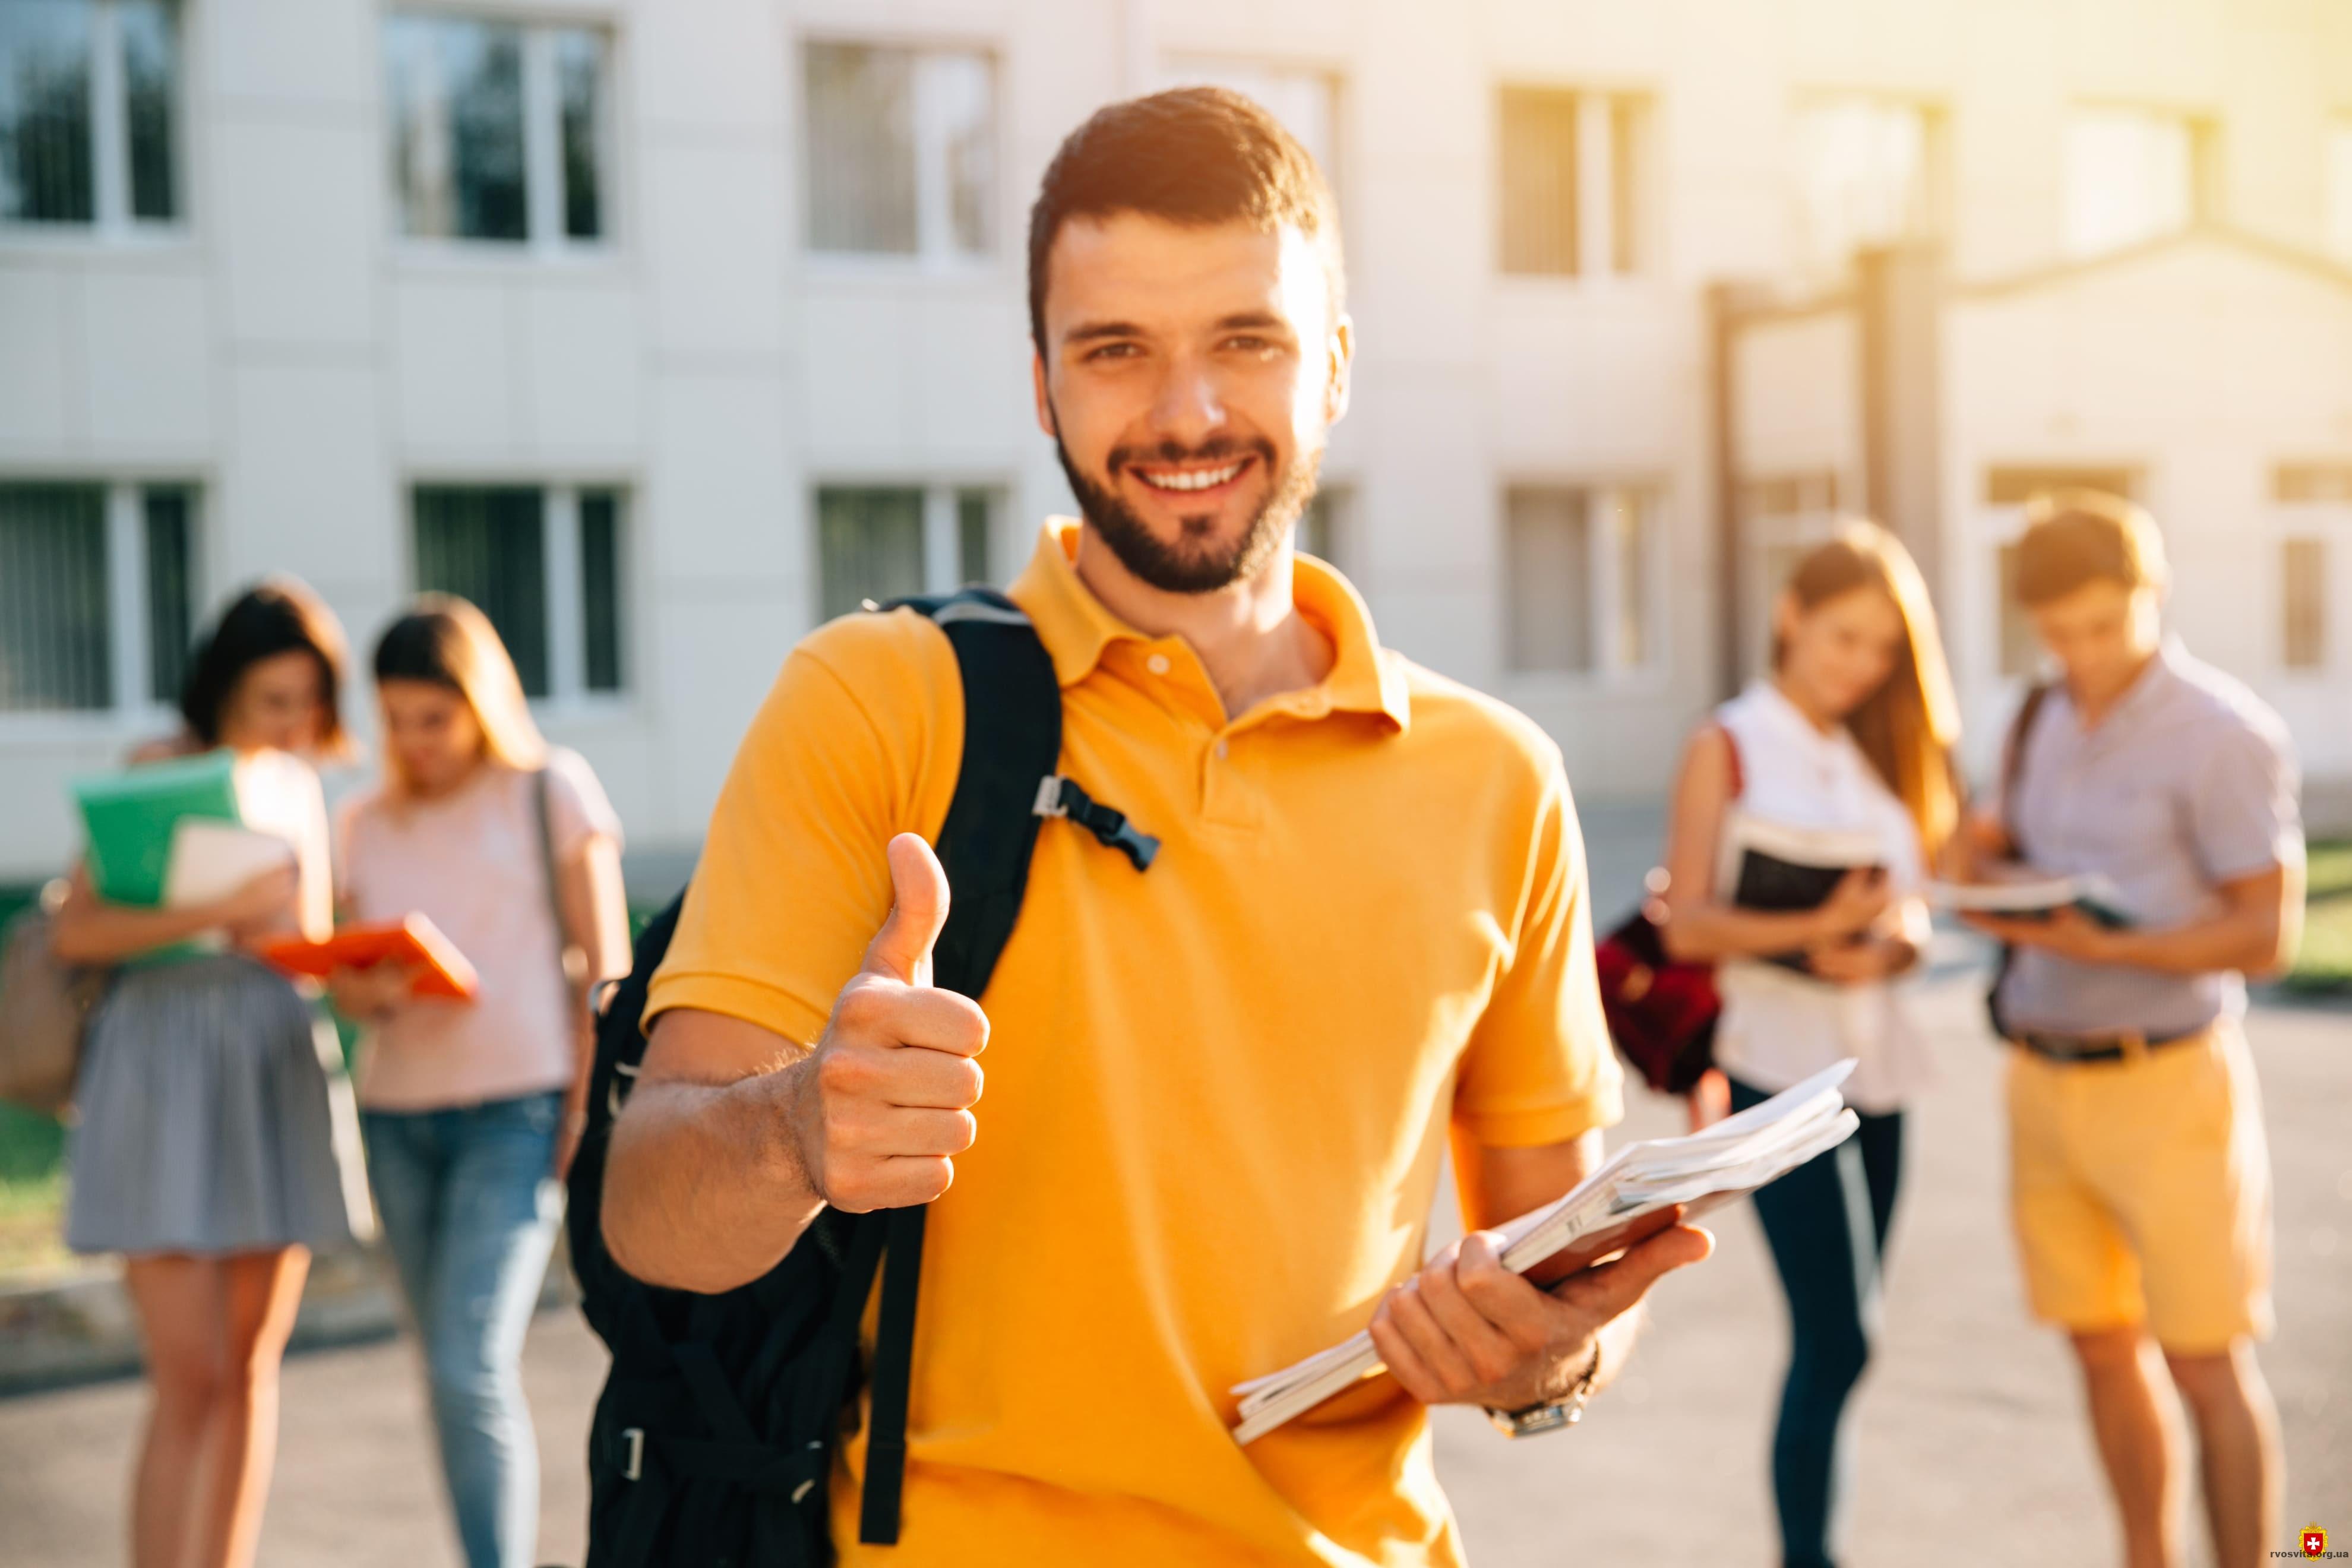 МОН продовжує оновлення стандартів вищої освіти – затверджено 50 нових